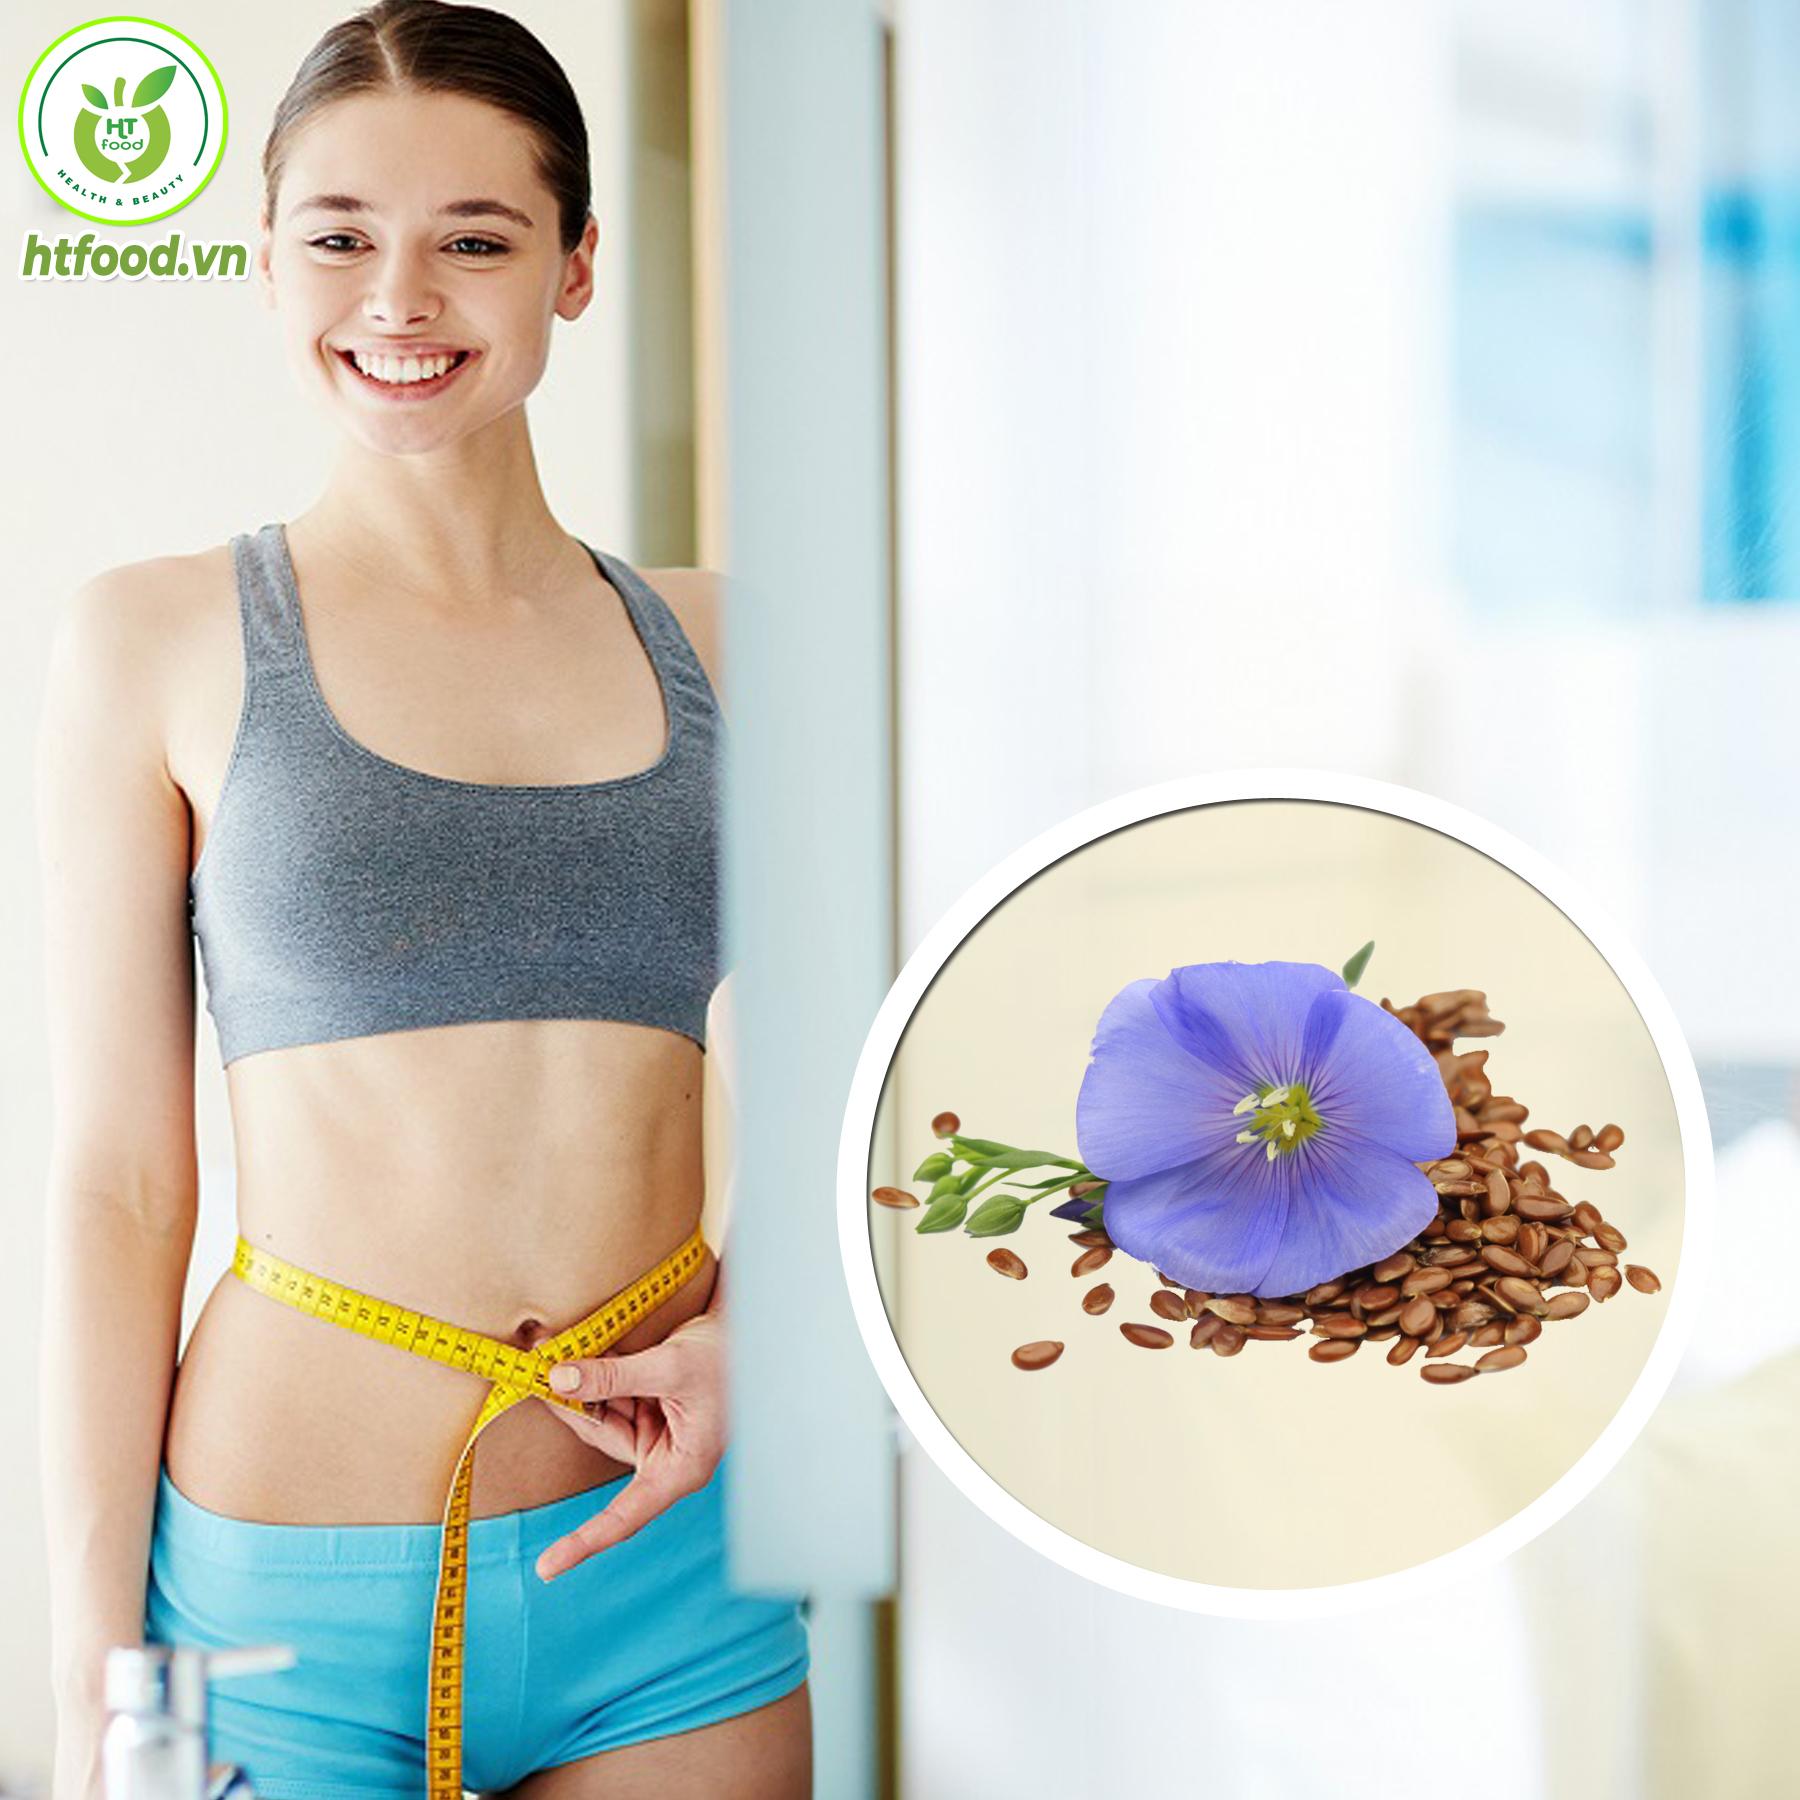 Ăn hạt lanh giúp bạn giảm cân